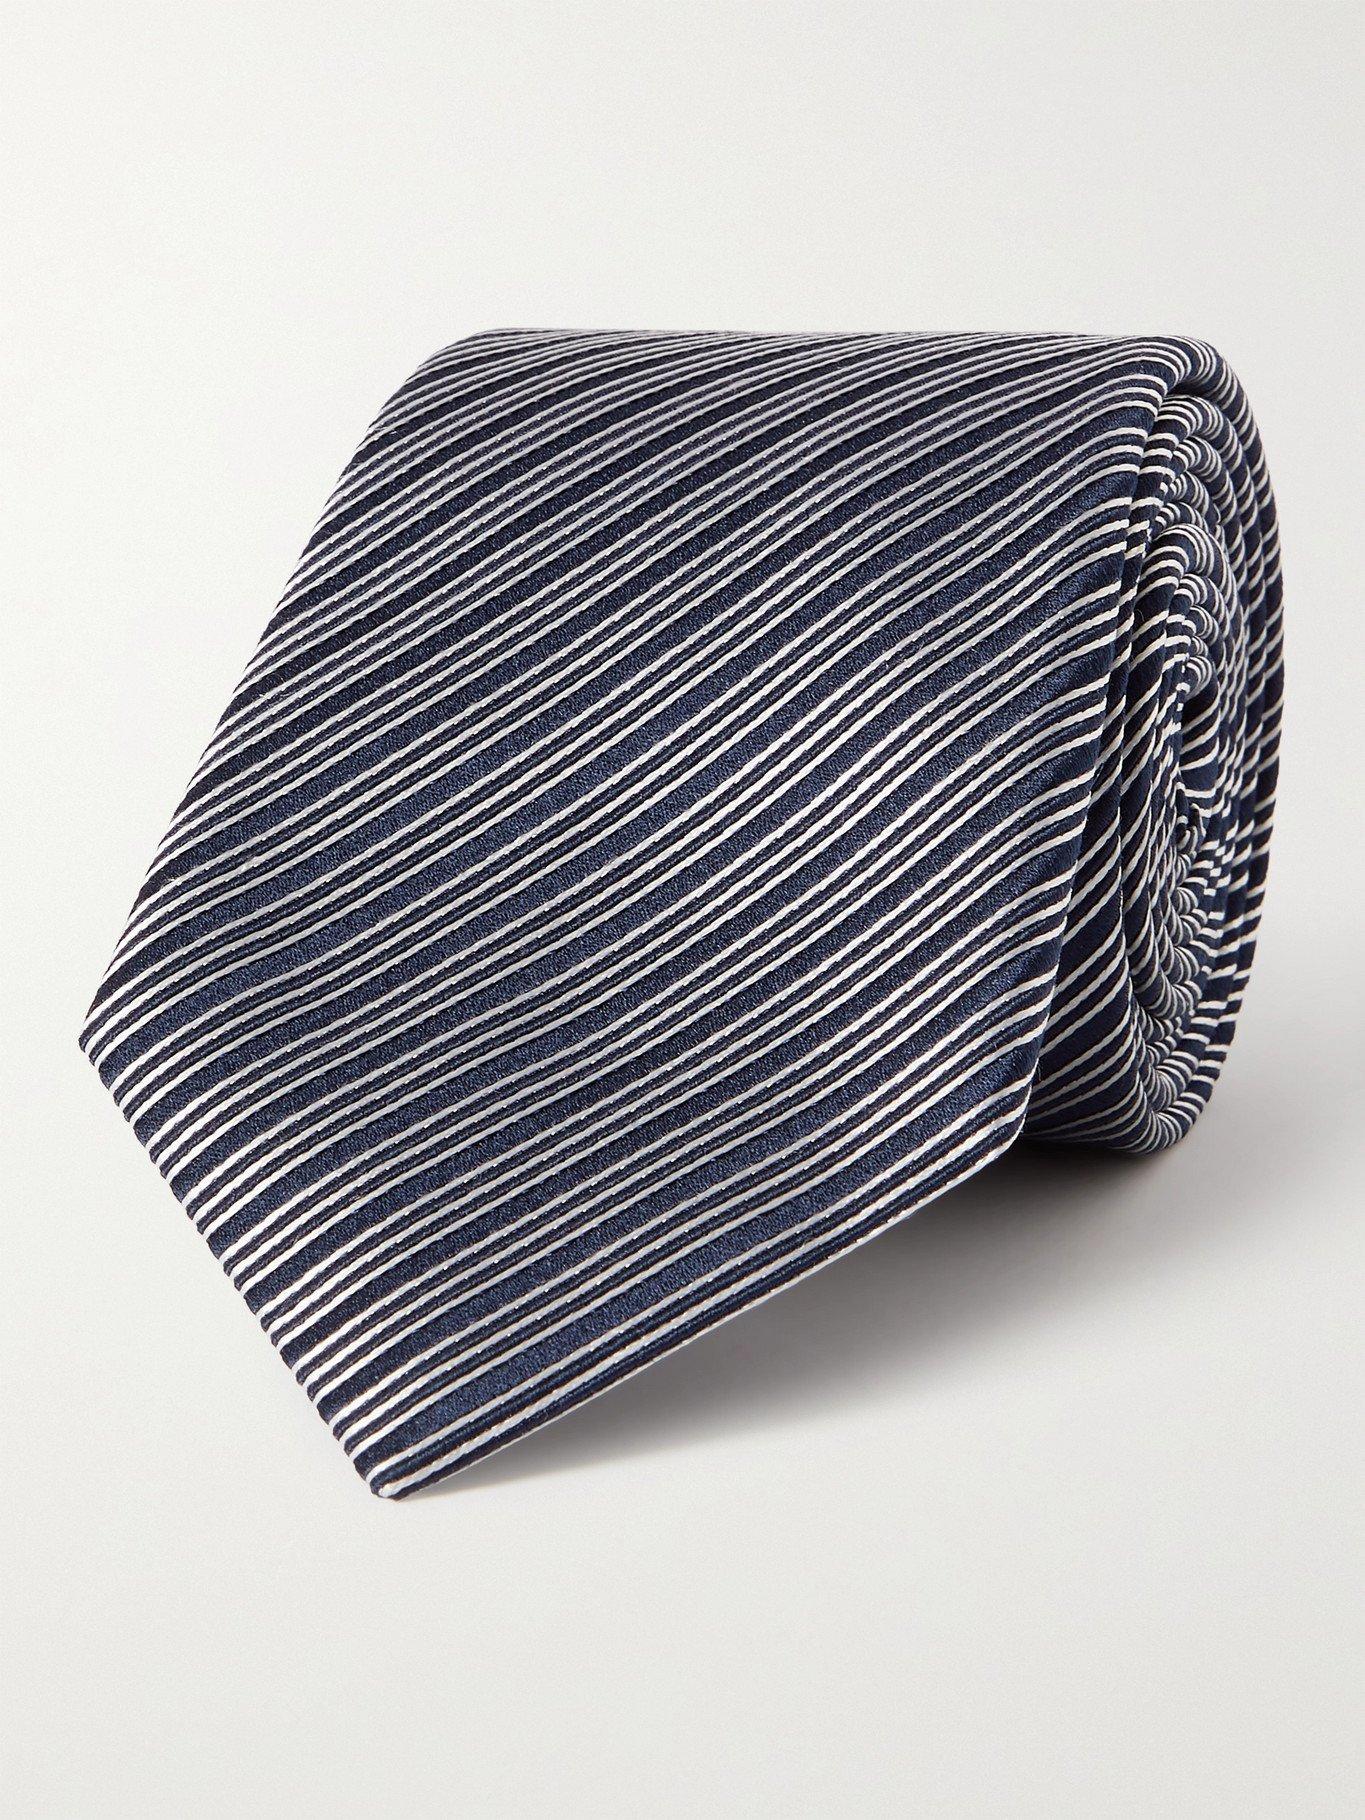 GIORGIO ARMANI - 8cm Striped Silk-Jacquard Tie - Unknown